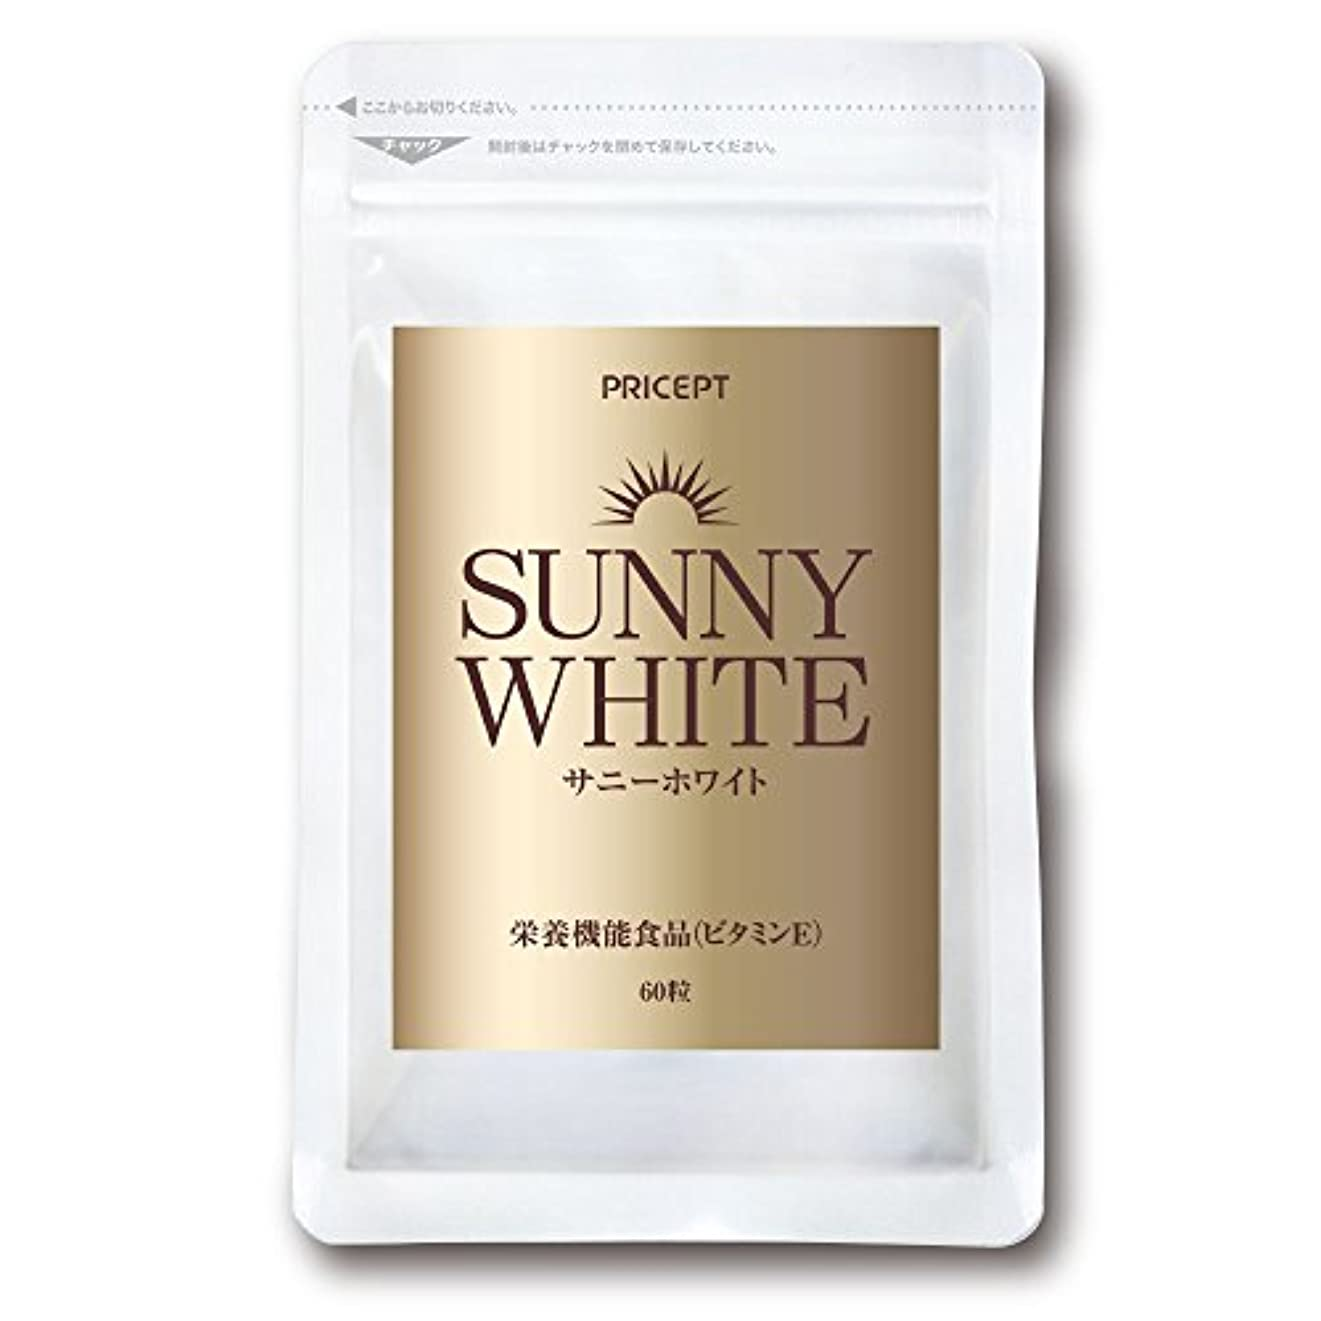 【在庫過多のため訳あり】プリセプト サニーホワイト(60粒)栄養機能食品(ビタミンE) ニュートロックスサン 日傘サプリ 日焼け UV 日差し (単品)【賞味期限:2020年4月3日】